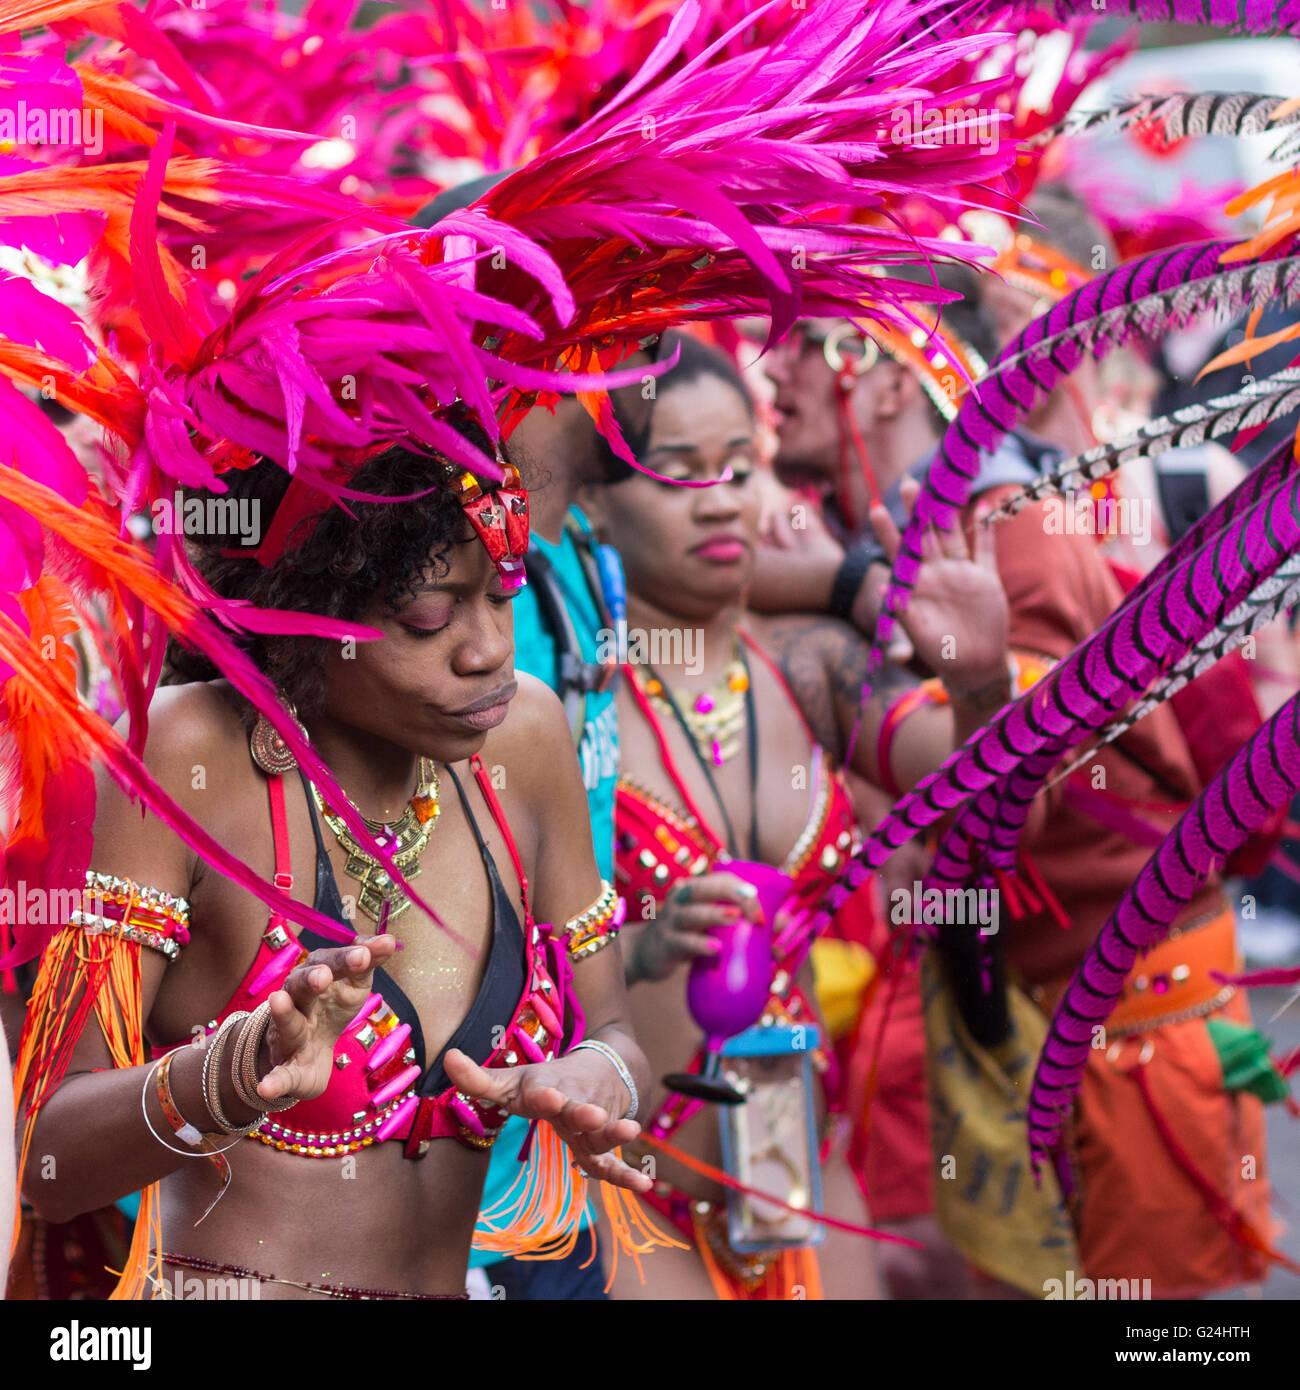 Portrait de femme dansant en costume Carnaval des Cultures (Karneval der Kulturen) à Berlin, Allemagne. Banque D'Images